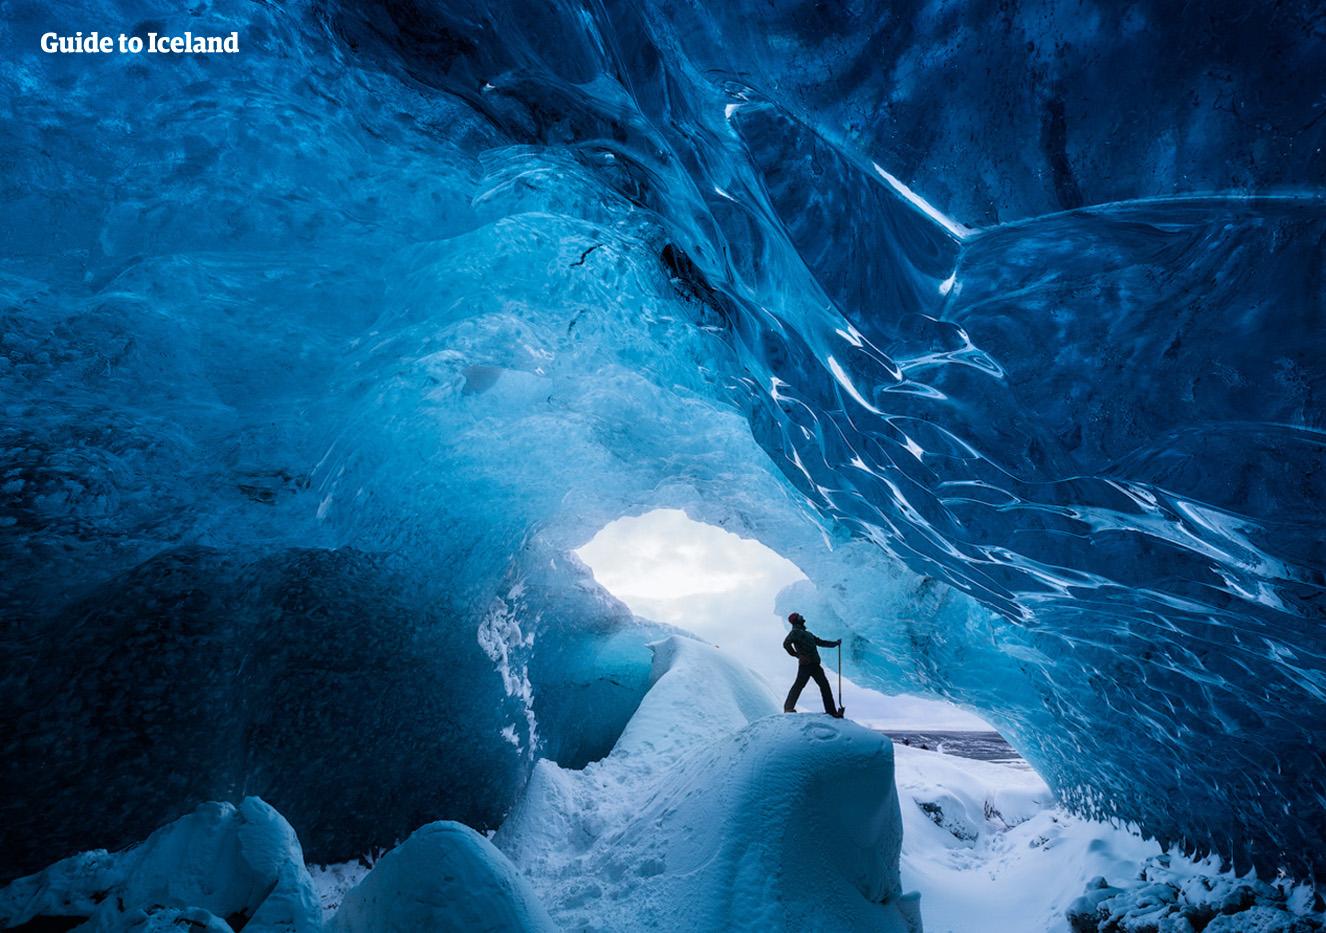 얼음동굴 방문은 아이슬란드에서 할 수 있는 아주 특별한 경험 중 하나입니다